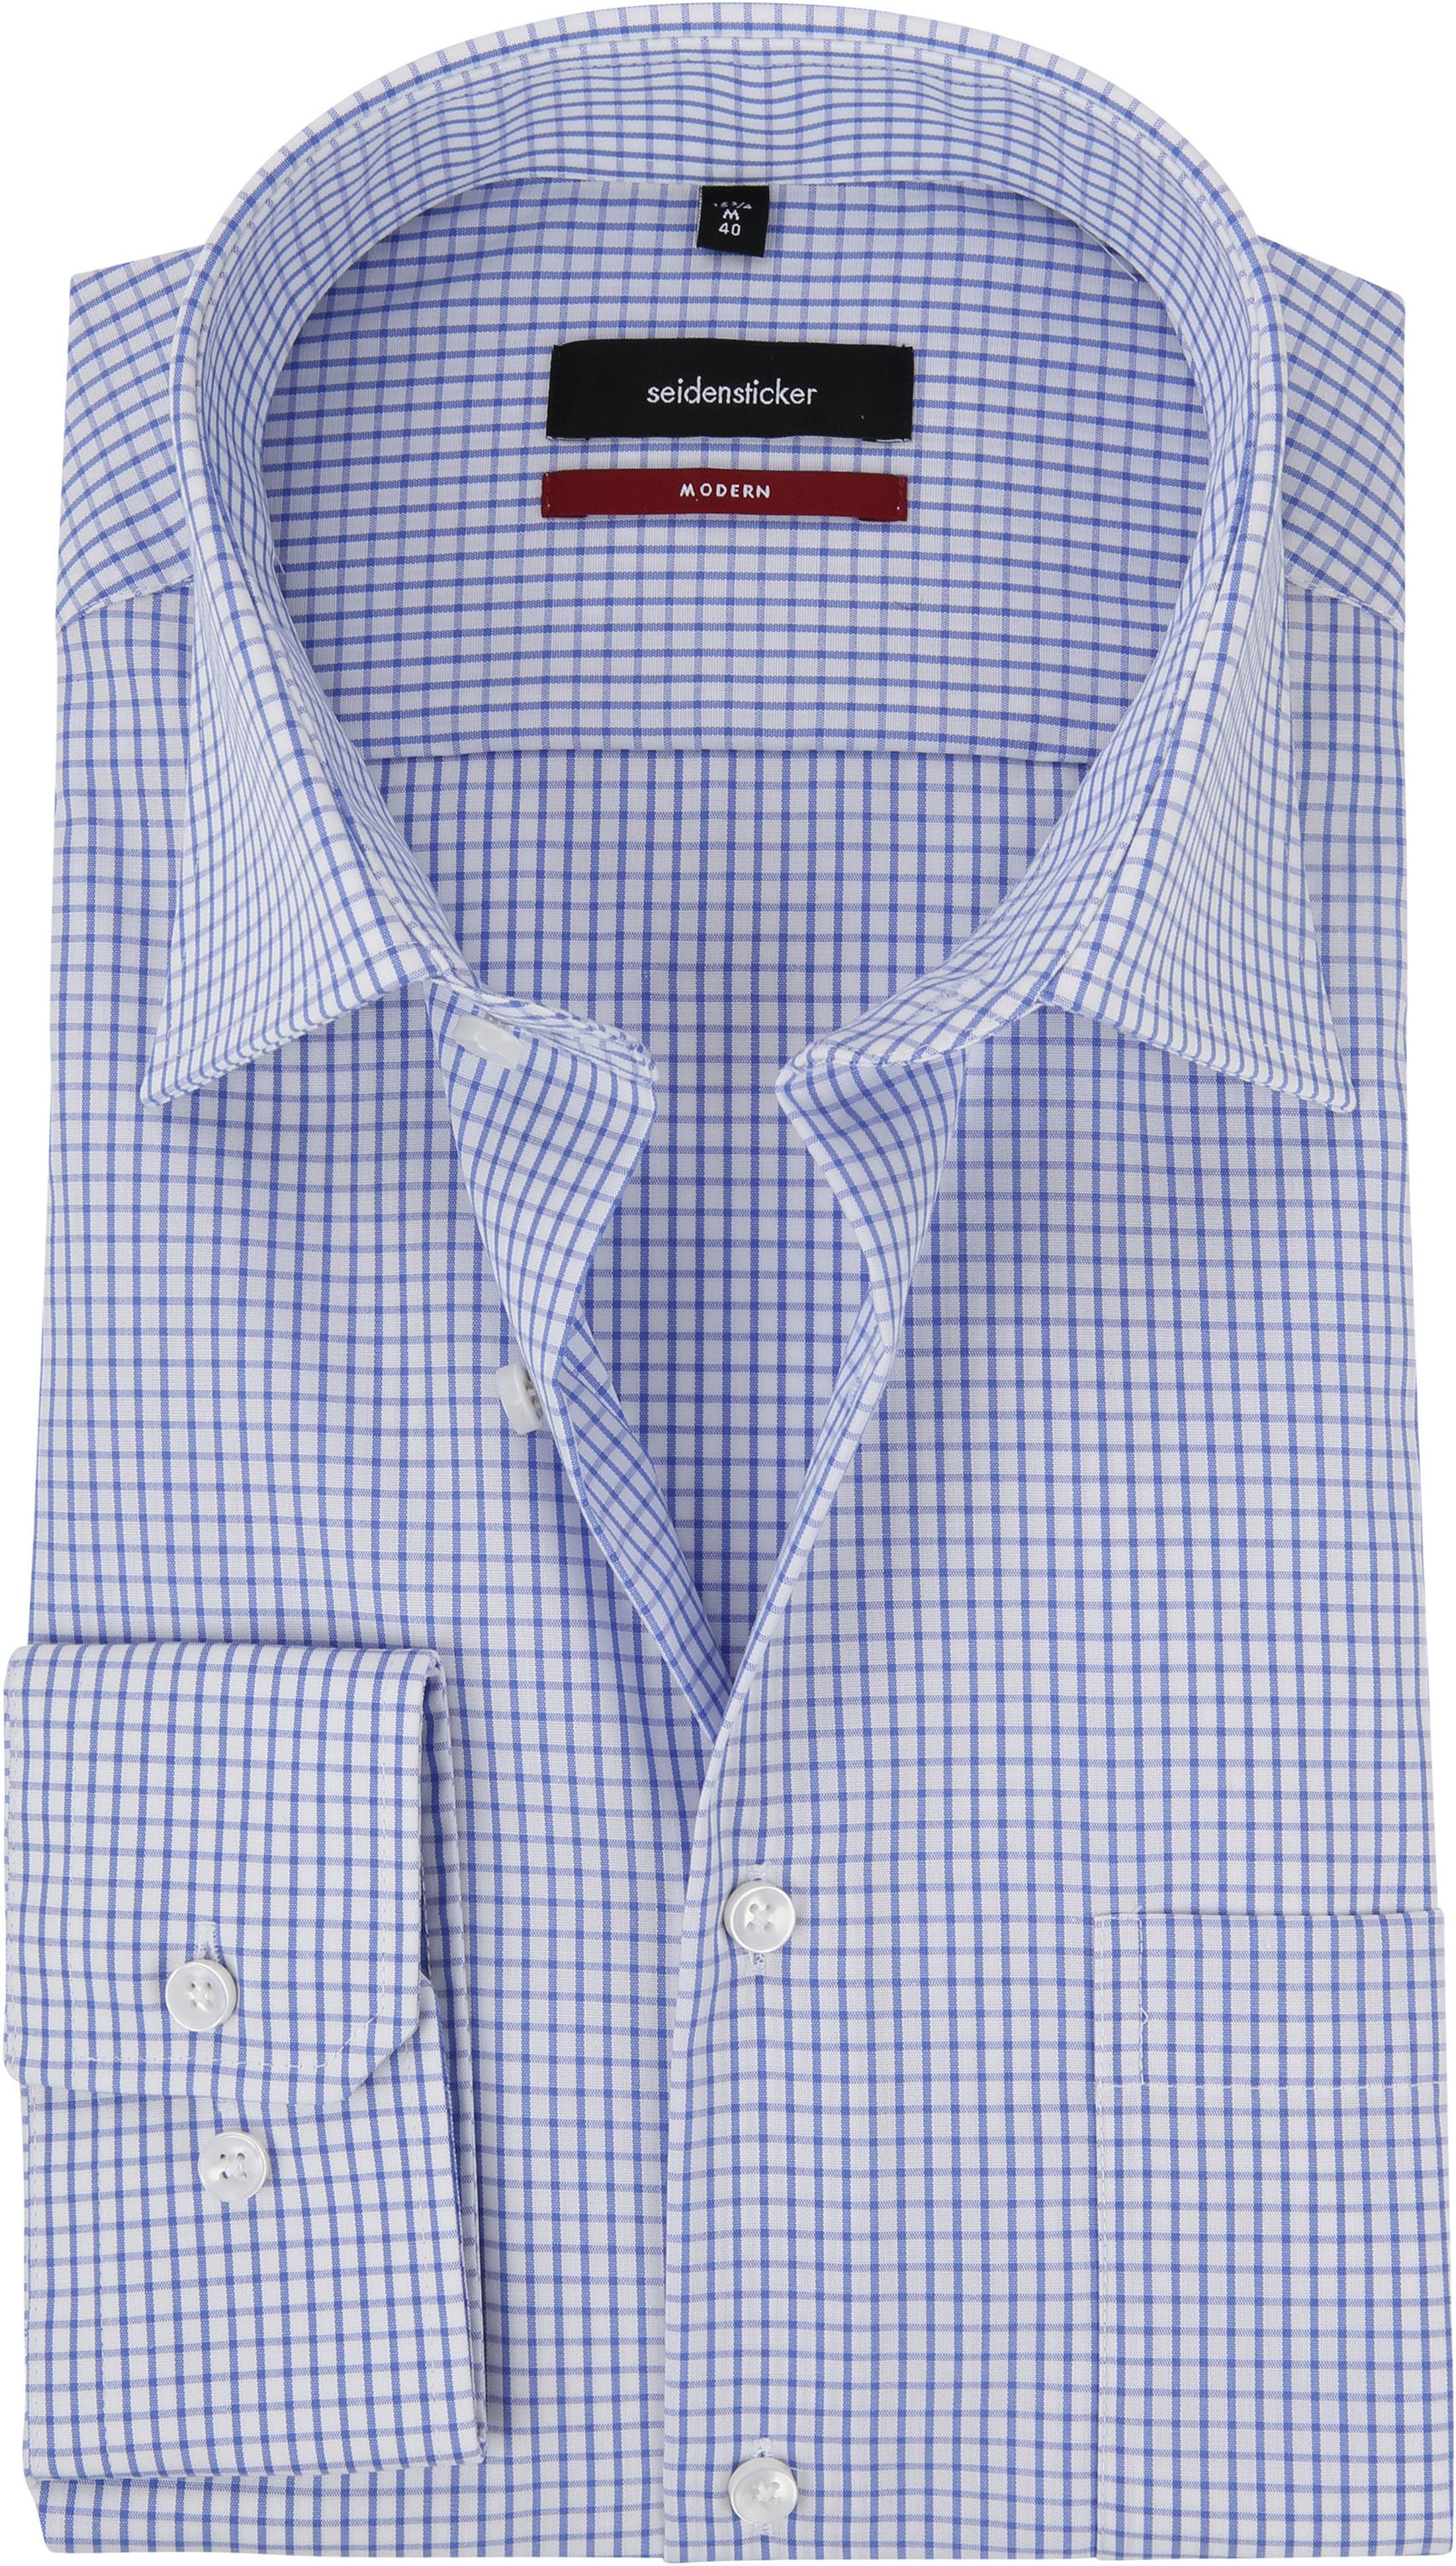 Seidensticker Hemd Bügelfrei Modern Blau Weiß Kariert foto 0